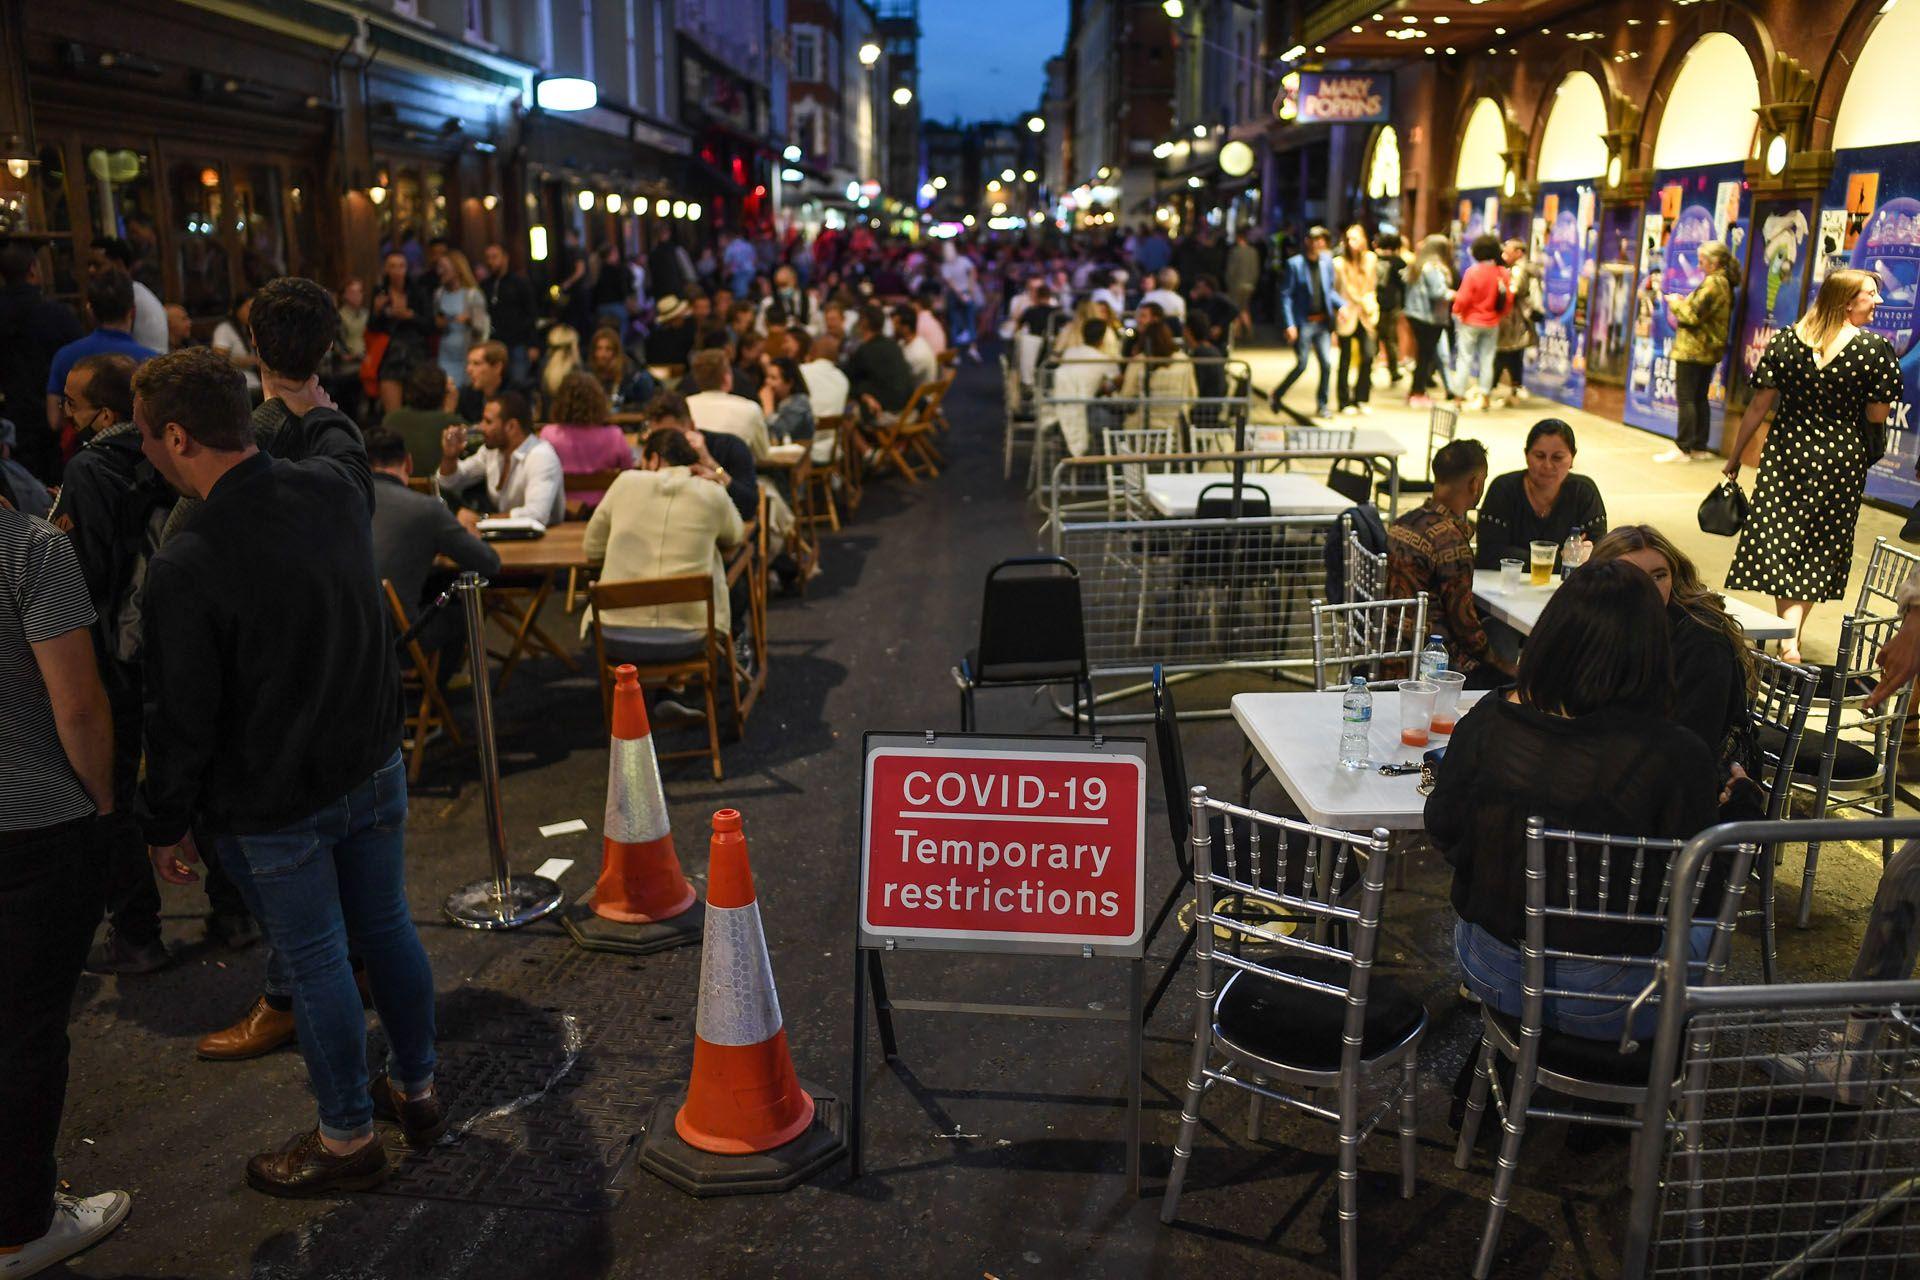 Megteltek az éttermek is Londonban az előestén (Fotó: Peter Summers/Getty Images)